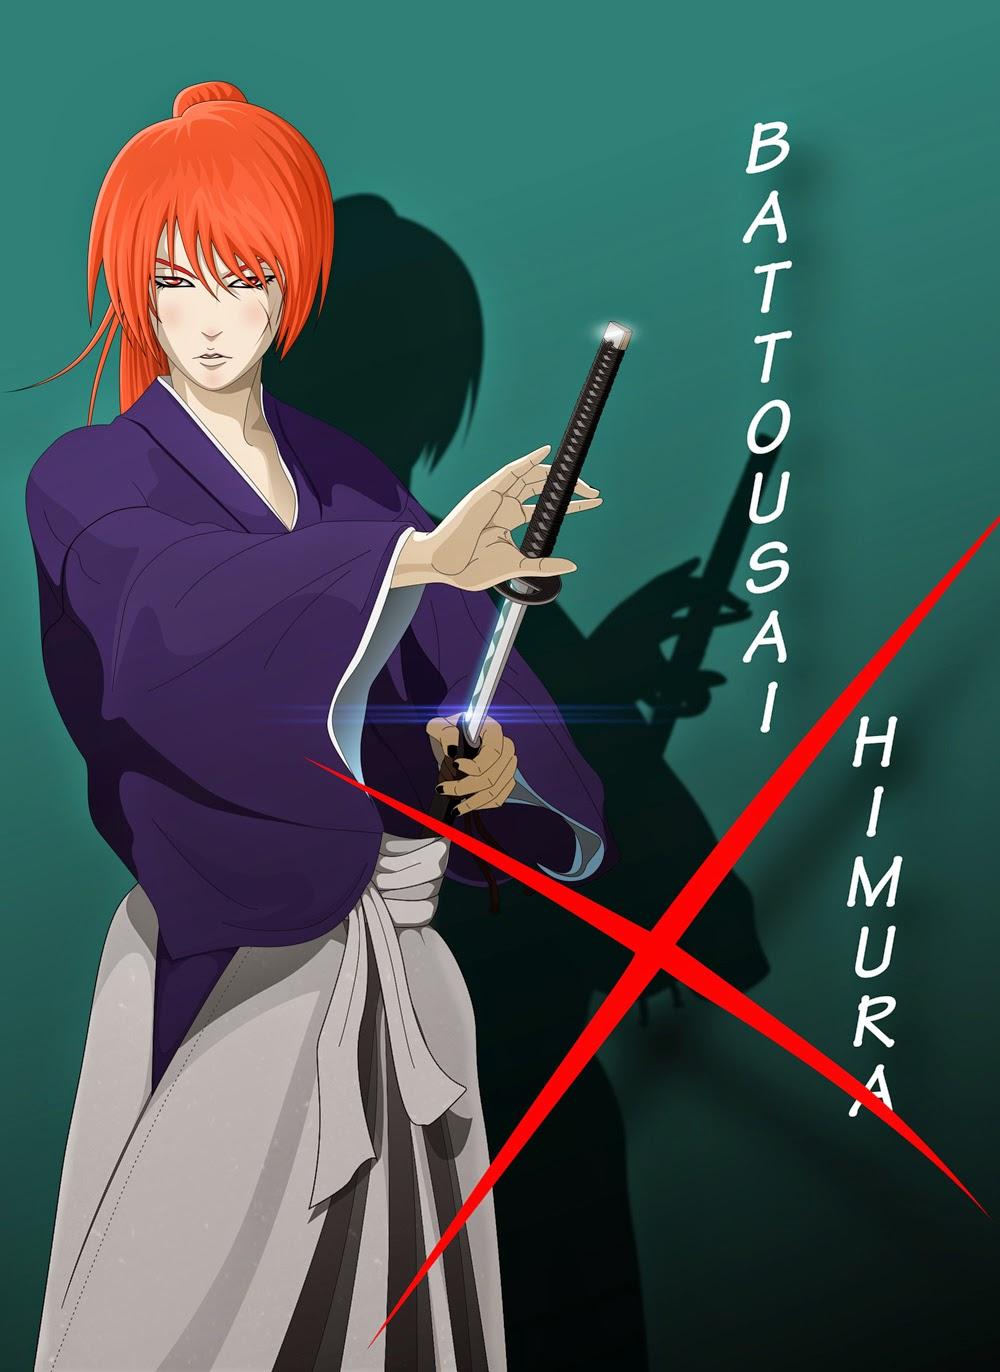 Battousai Himura, Kenshin Himura, Rurouni Kenshin, Kyoto Inferno, The legend Ends